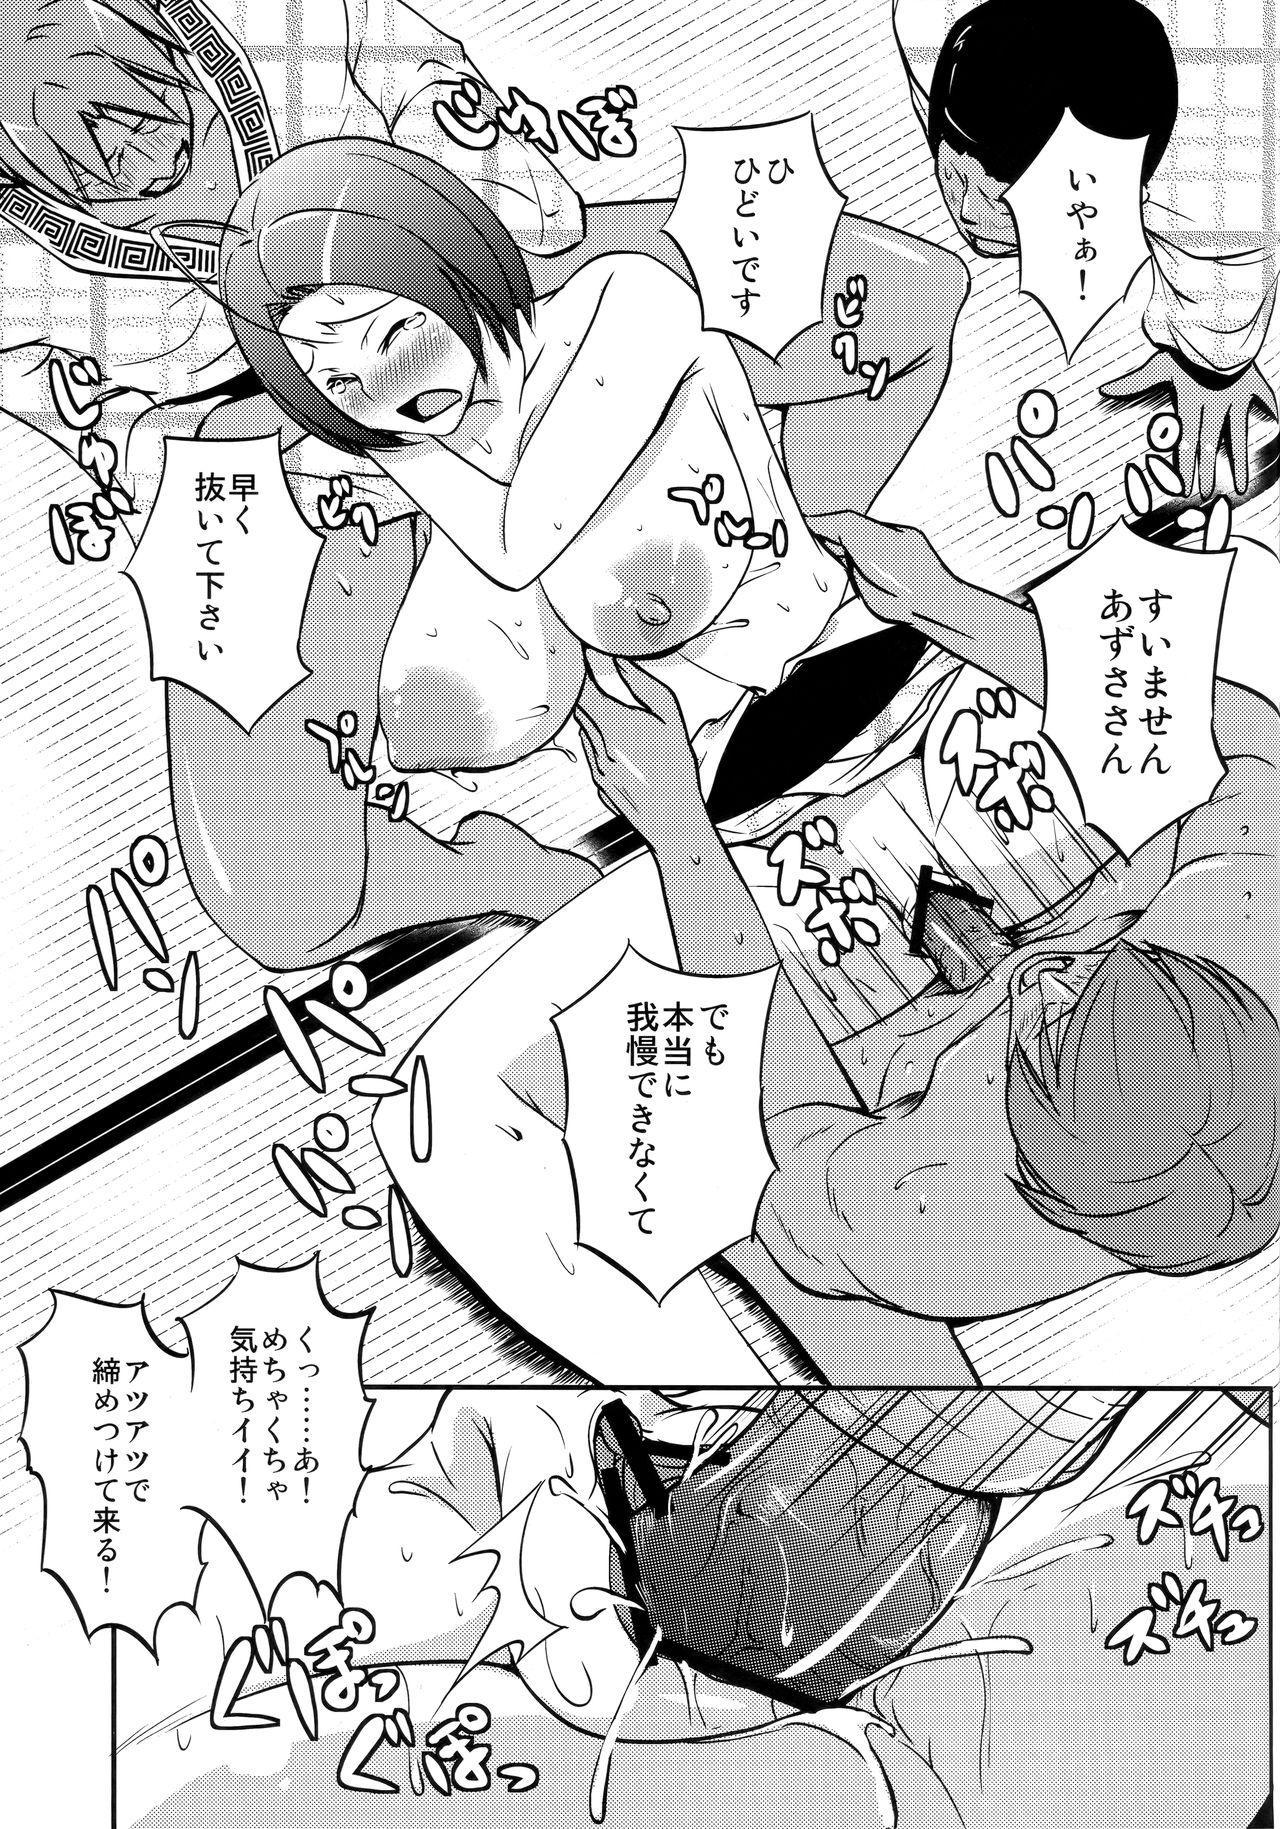 Horoyoi Azusa 15